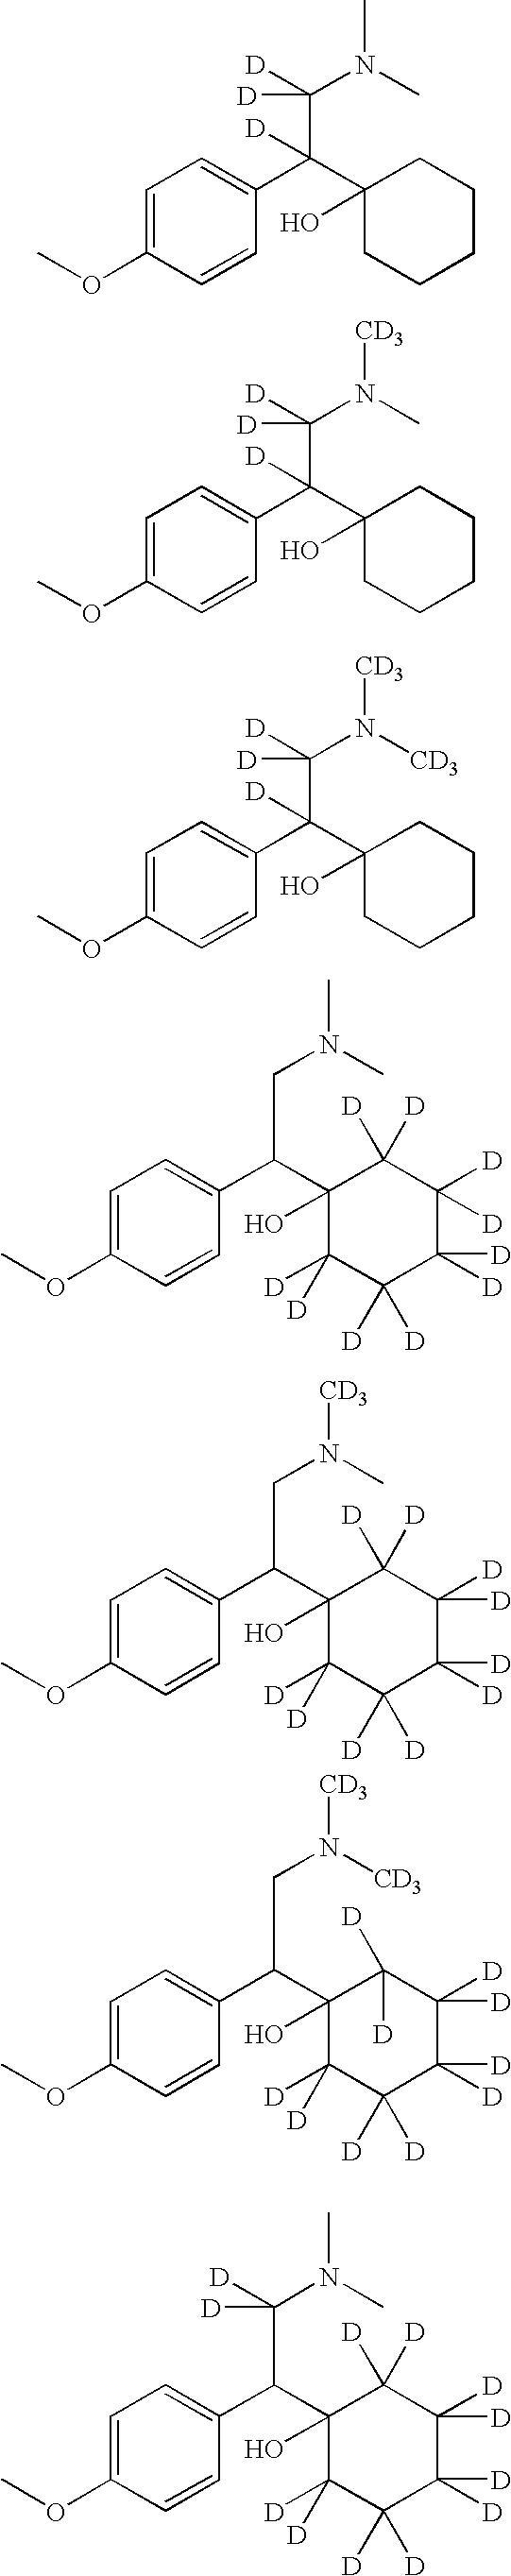 Figure US07456317-20081125-C00006